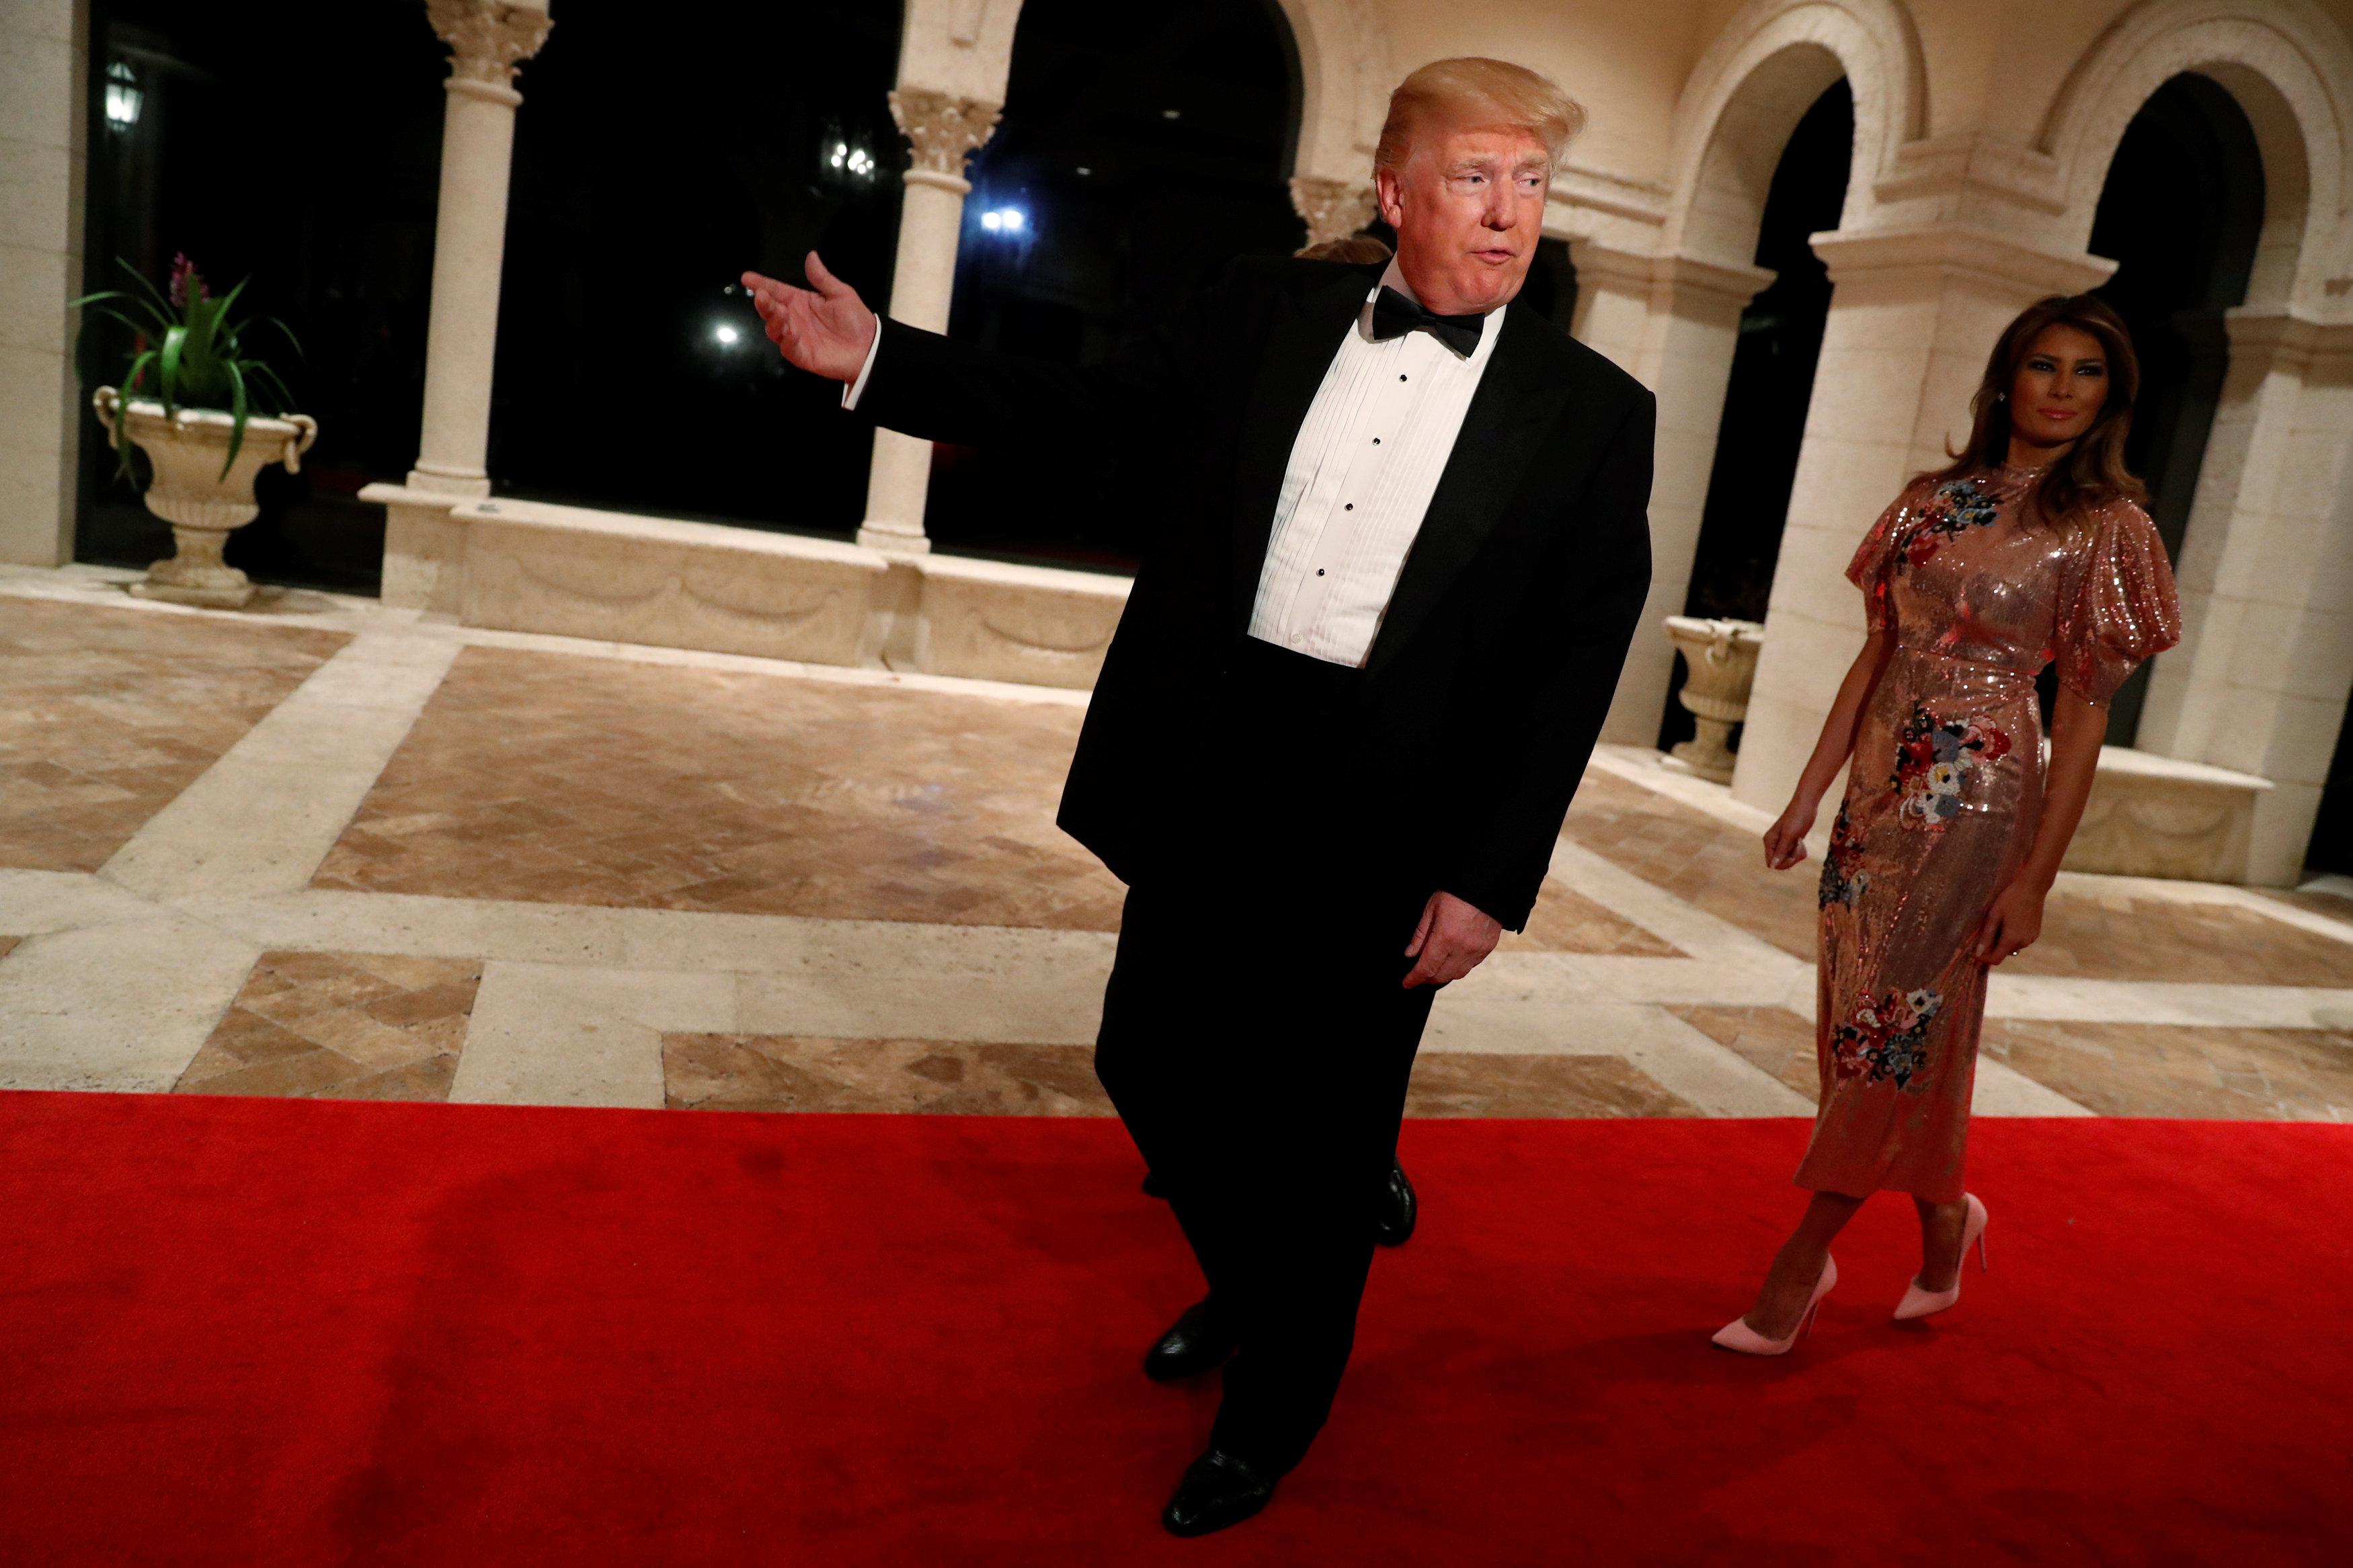 El presidente estadounidense Donald Trump y la primera dama Melania Trump llegan a la fiesta en el club de Mar-a-lago ( REUTERS/Jonathan Ernst)